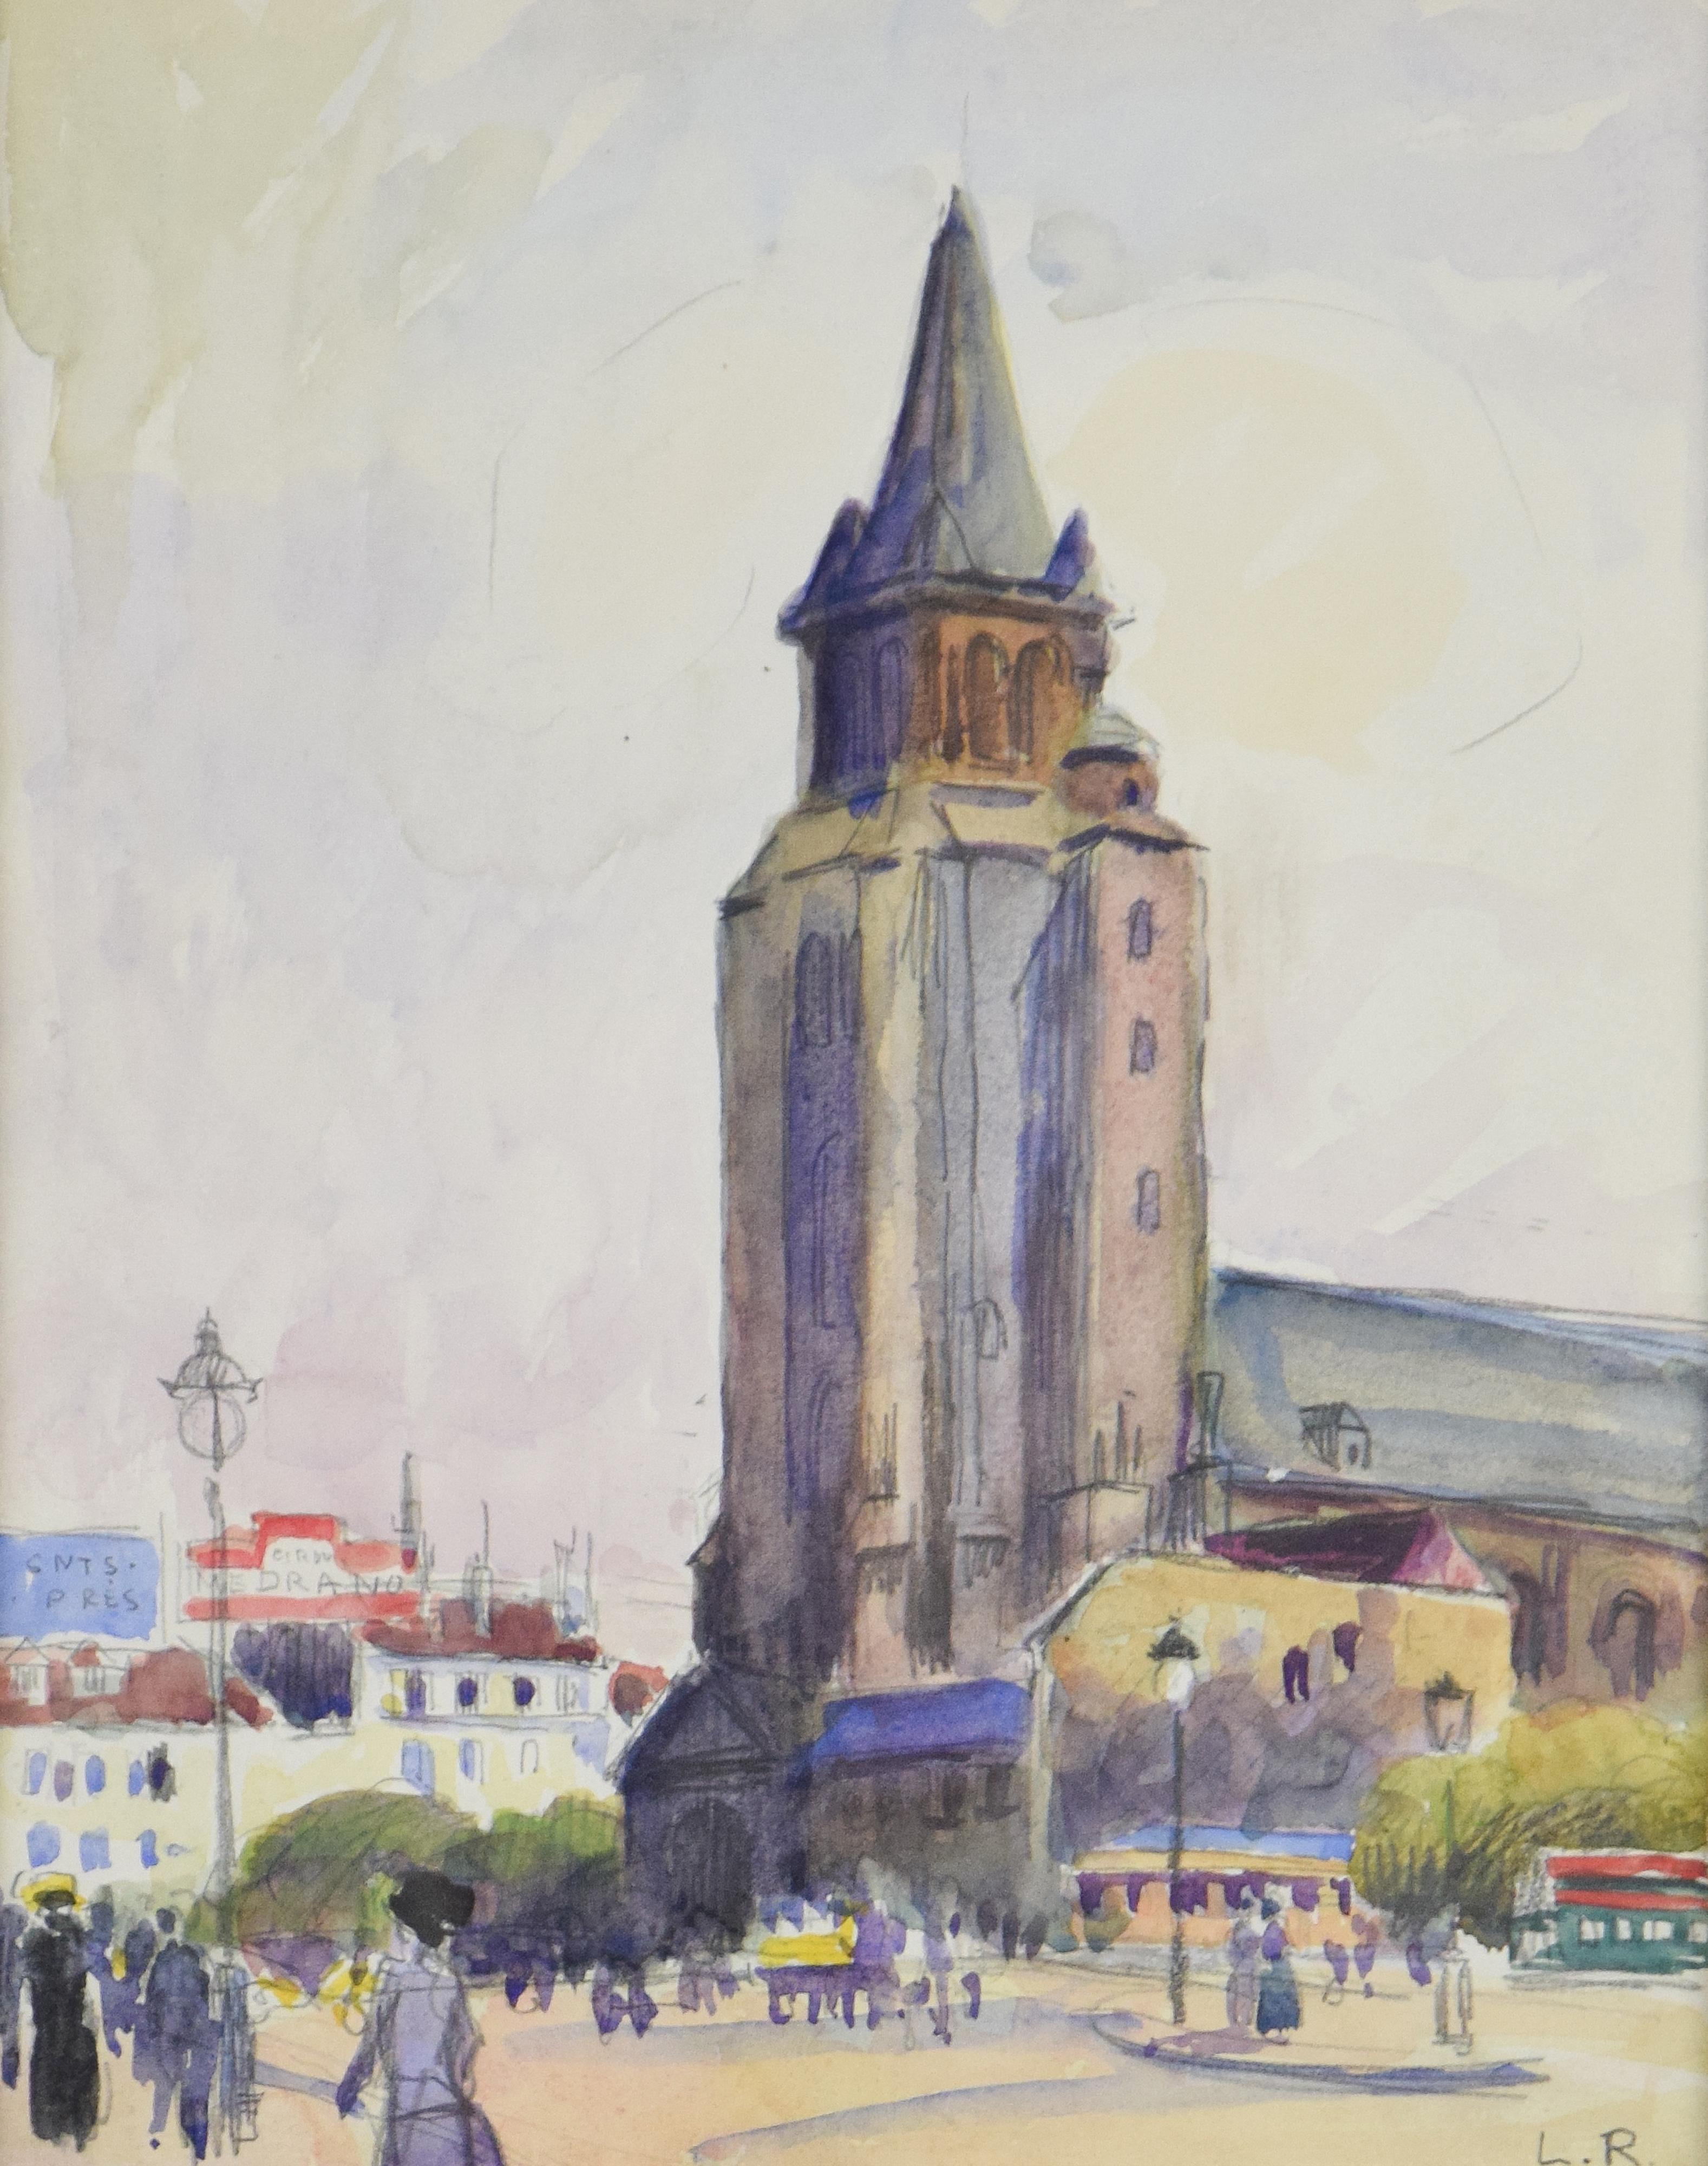 Eglise St. Germain des Prés by LUDOVIC-RODO PISSARRO - church, watercolour, art